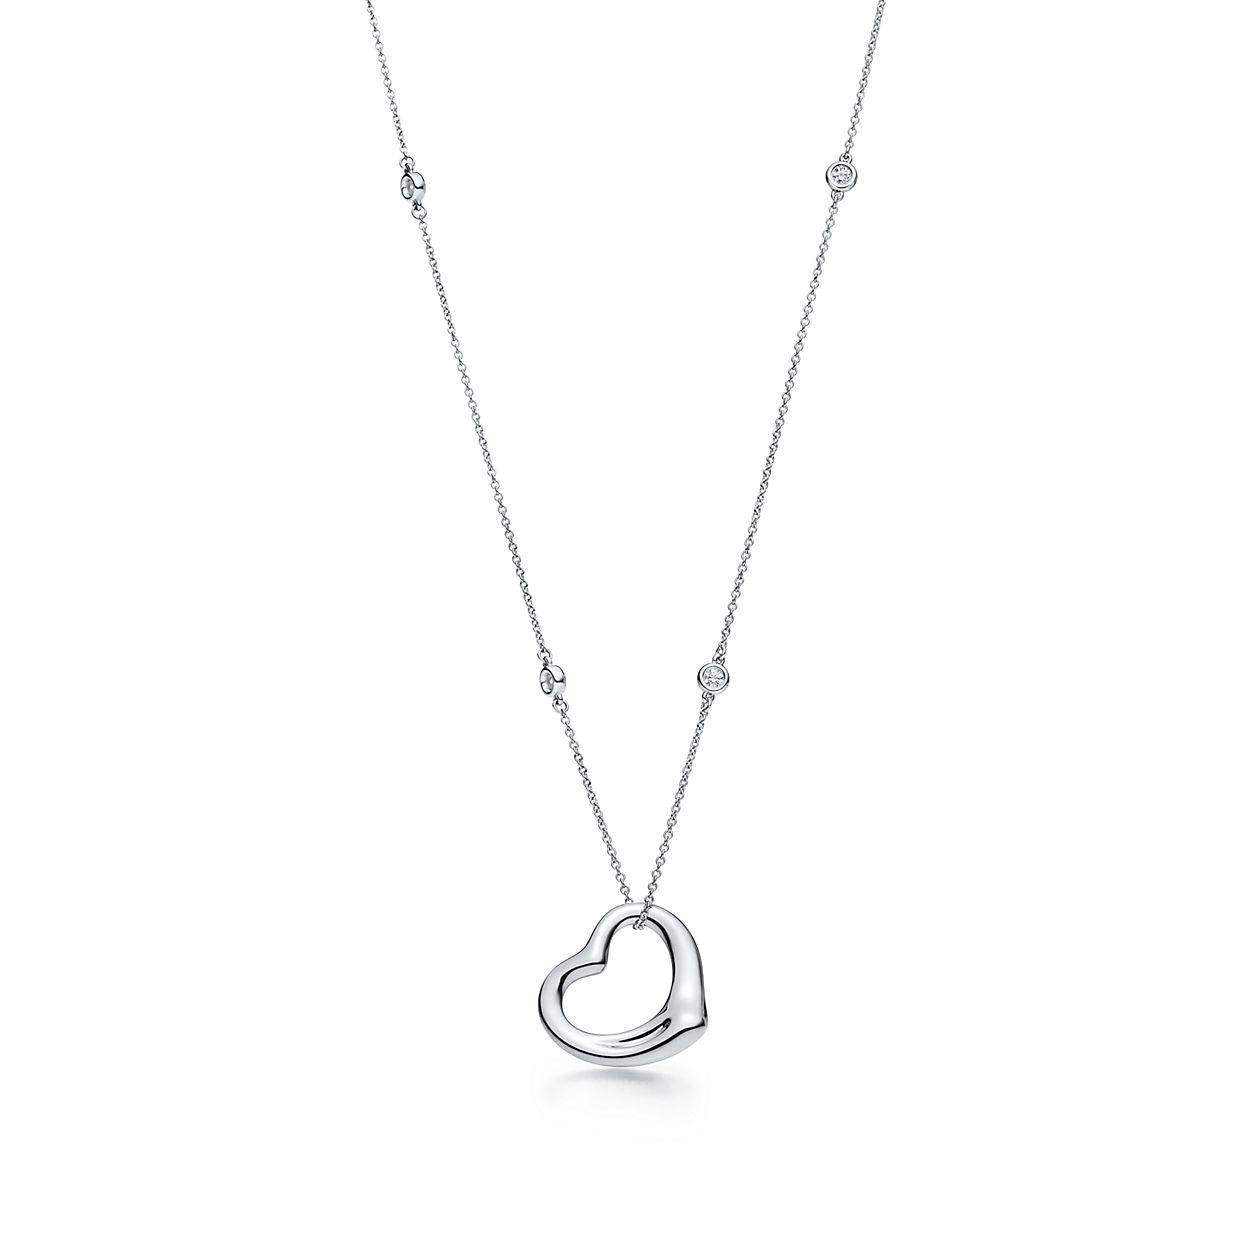 Elsa Peretti Diamonds By The Yard Br Open Heart Pendant